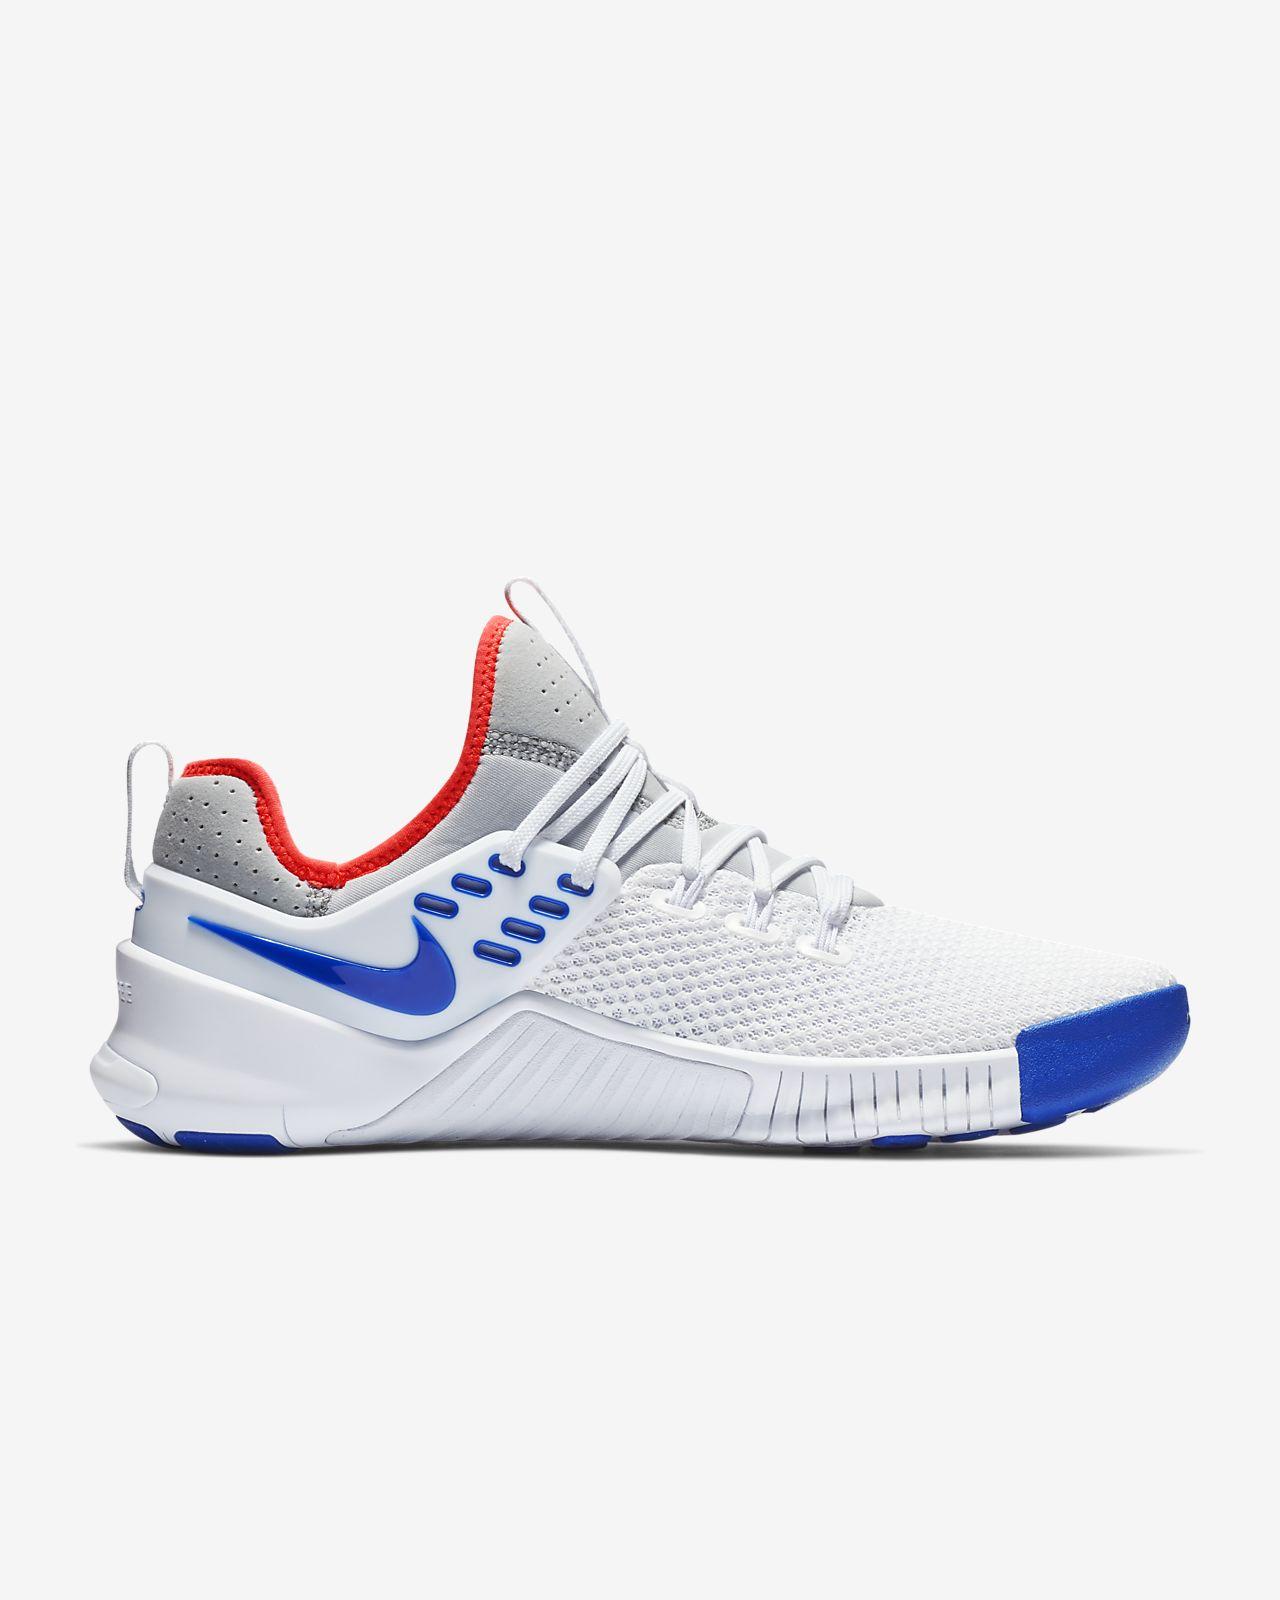 f1c32997b44b Nike Free x Metcon Cross Training Weightlifting Shoe. Nike.com